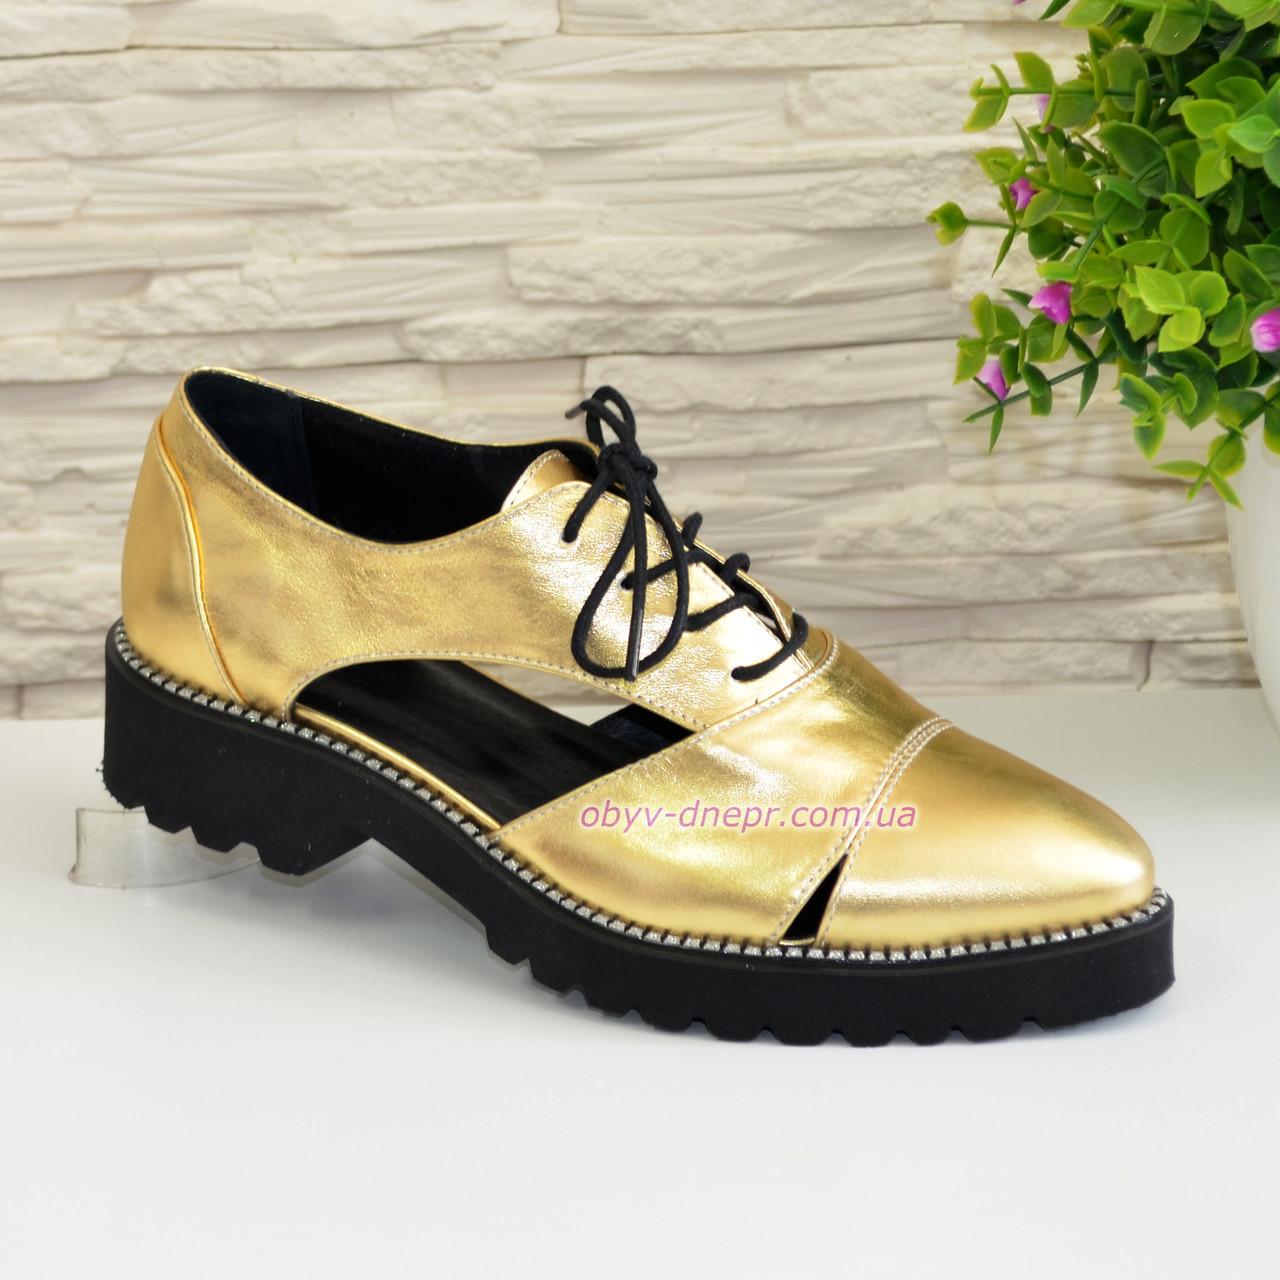 Кожаные туфли женские на утолщенной подошве, цвет золото